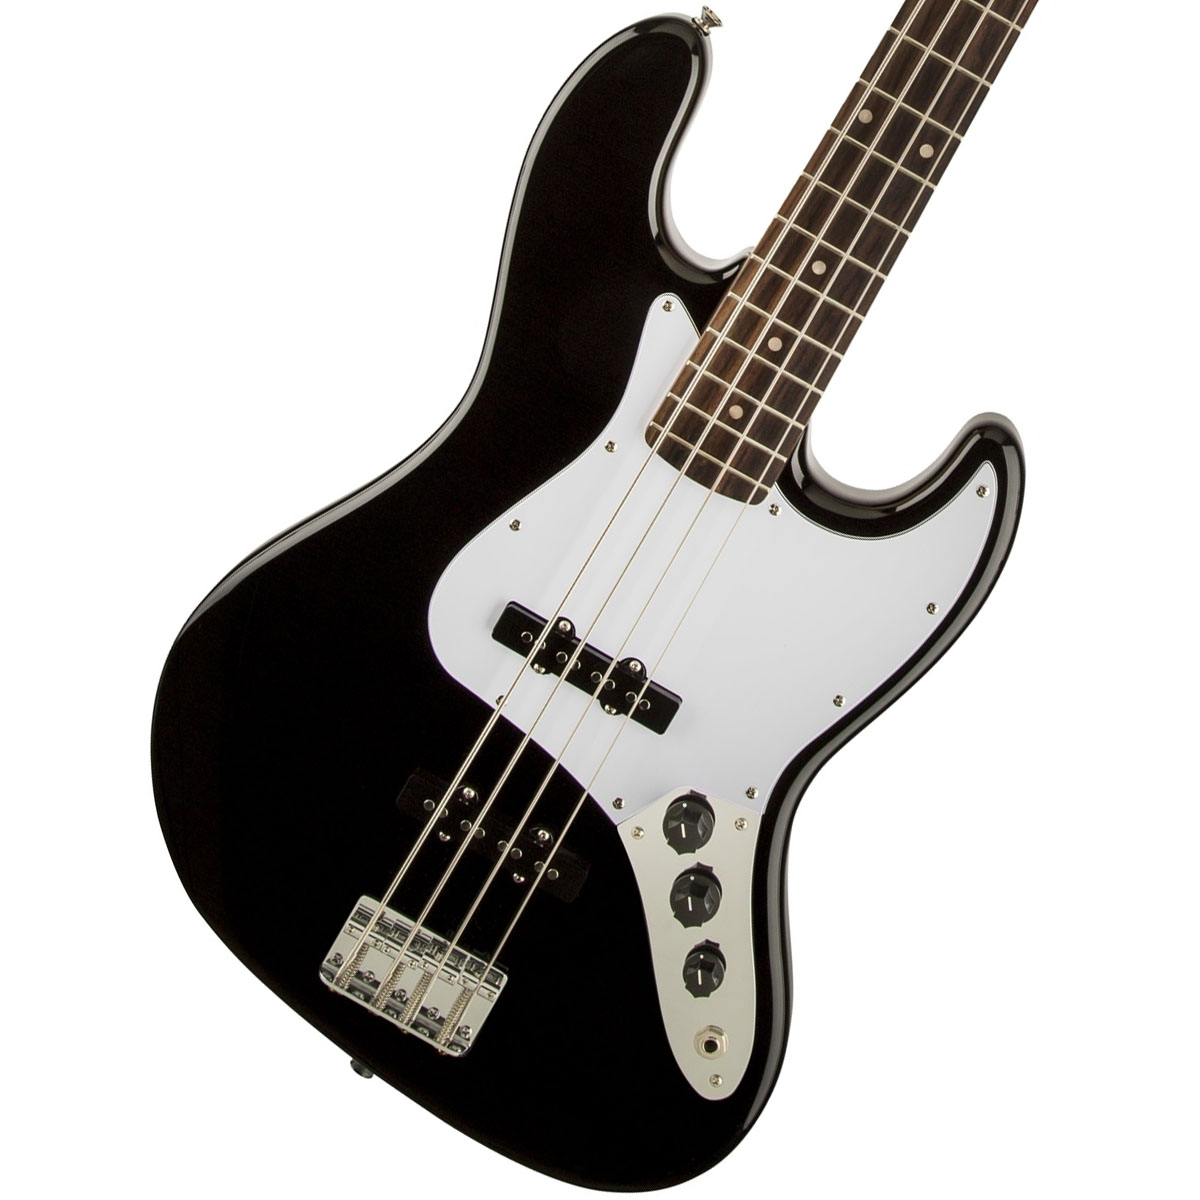 【タイムセール:29日12時まで】Squier by Fender / Affinity Jazz Bass Black Indian Laurel《純正バレットチューナープレゼント!/+621153790》